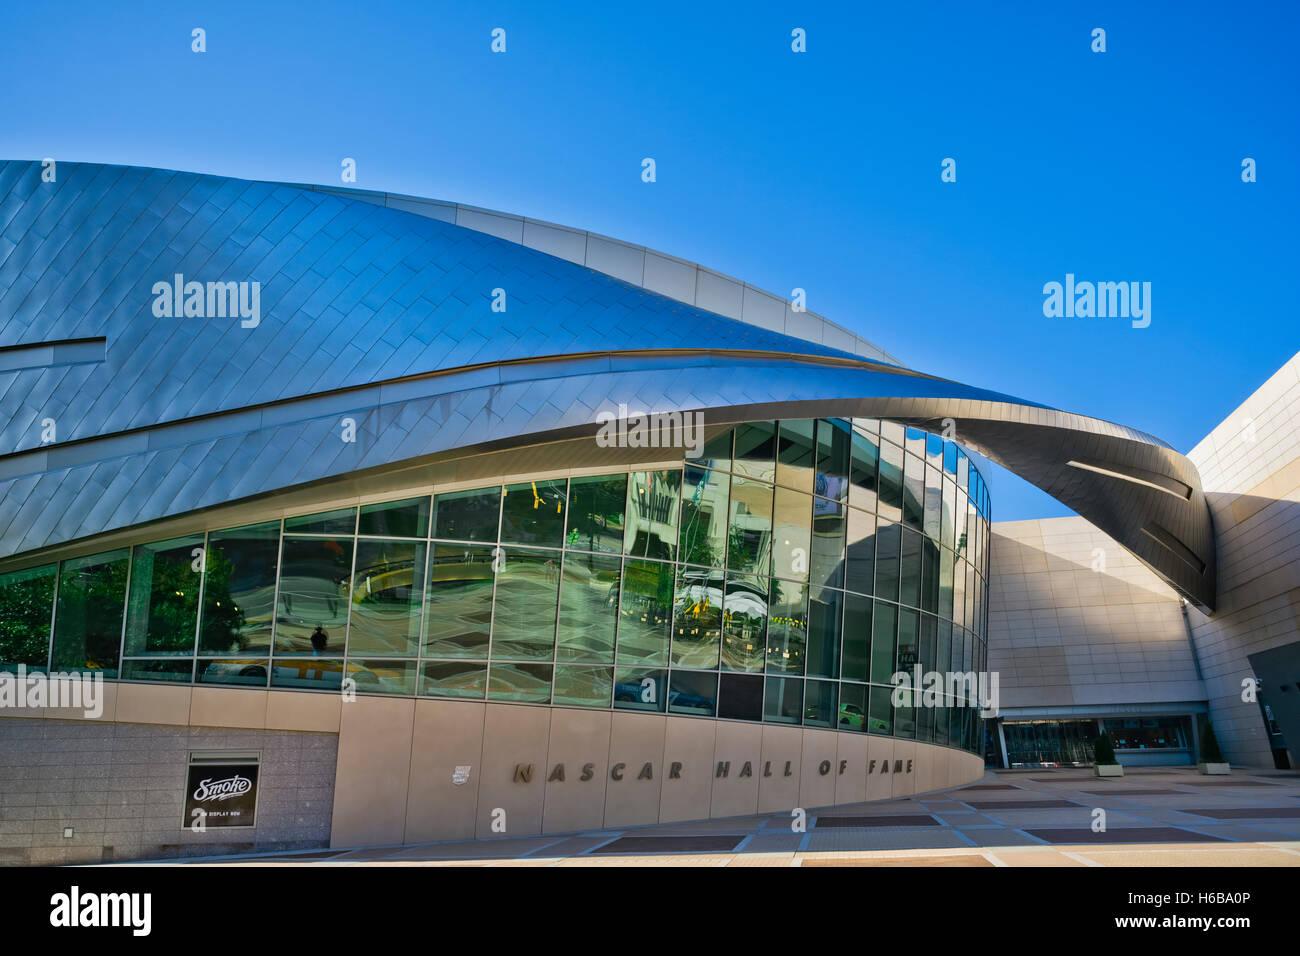 Nascar Hall of Fame, Charlotte, NC Banque D'Images